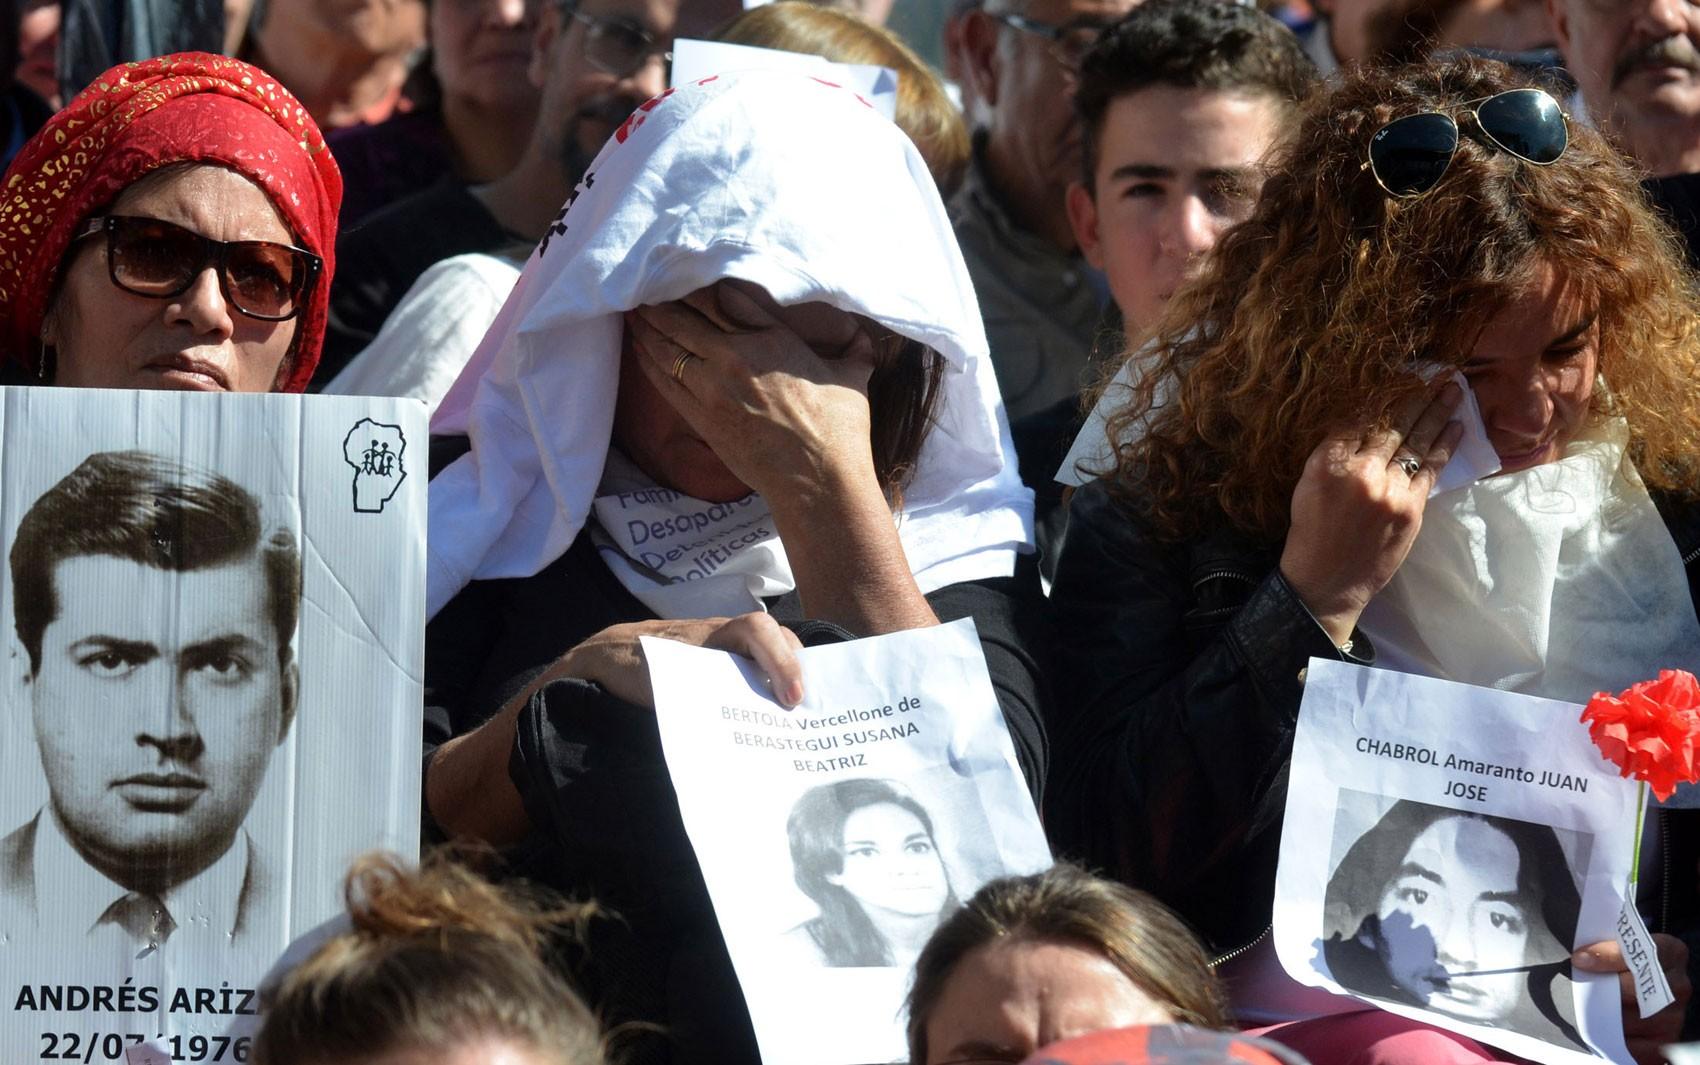 Manifestantes exibem fotos de desaparecidos no lado de fora da Corte Federal de Córdoba, na Argentina, na quinta (25), durante julgamento de militares envolvidos em crimes na ditadura (Foto: Laura Lescano/TELAM AFP/AFP)